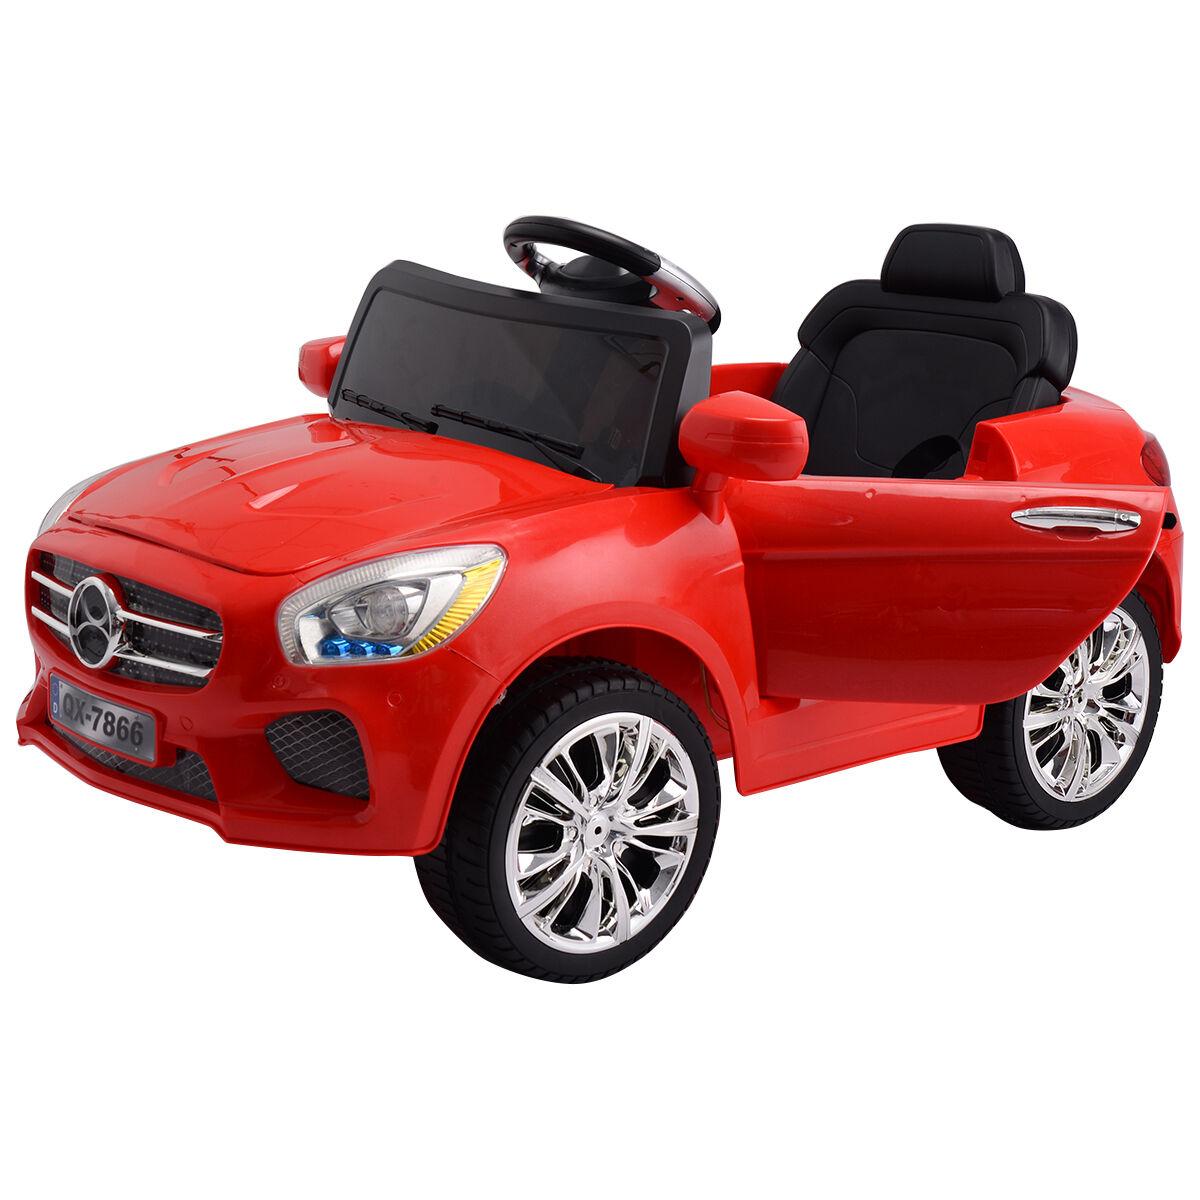 Kinder in auto 6v rc ferngesteuert batteriebetriebene w   led - leuchten rote neue mp3